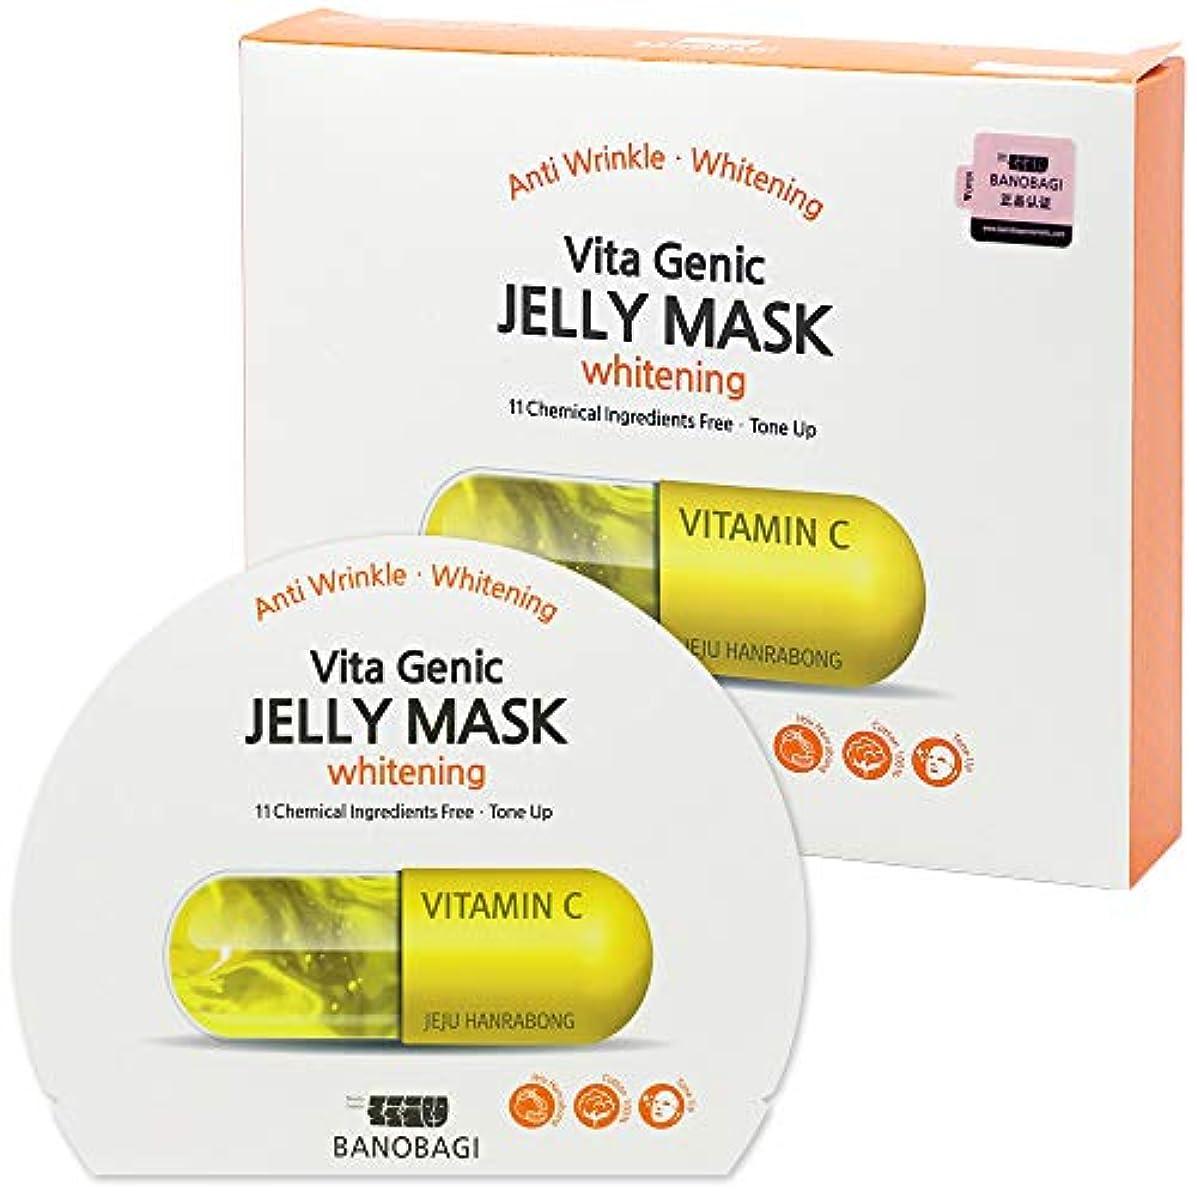 方程式正確にでバナバギ[BANOBAGI] ヴィータジェニックゼリーマスク★ホワイトニング(黄色)30mlx10P / Vita Genic Jelly Mask (Whitening-Yellow)